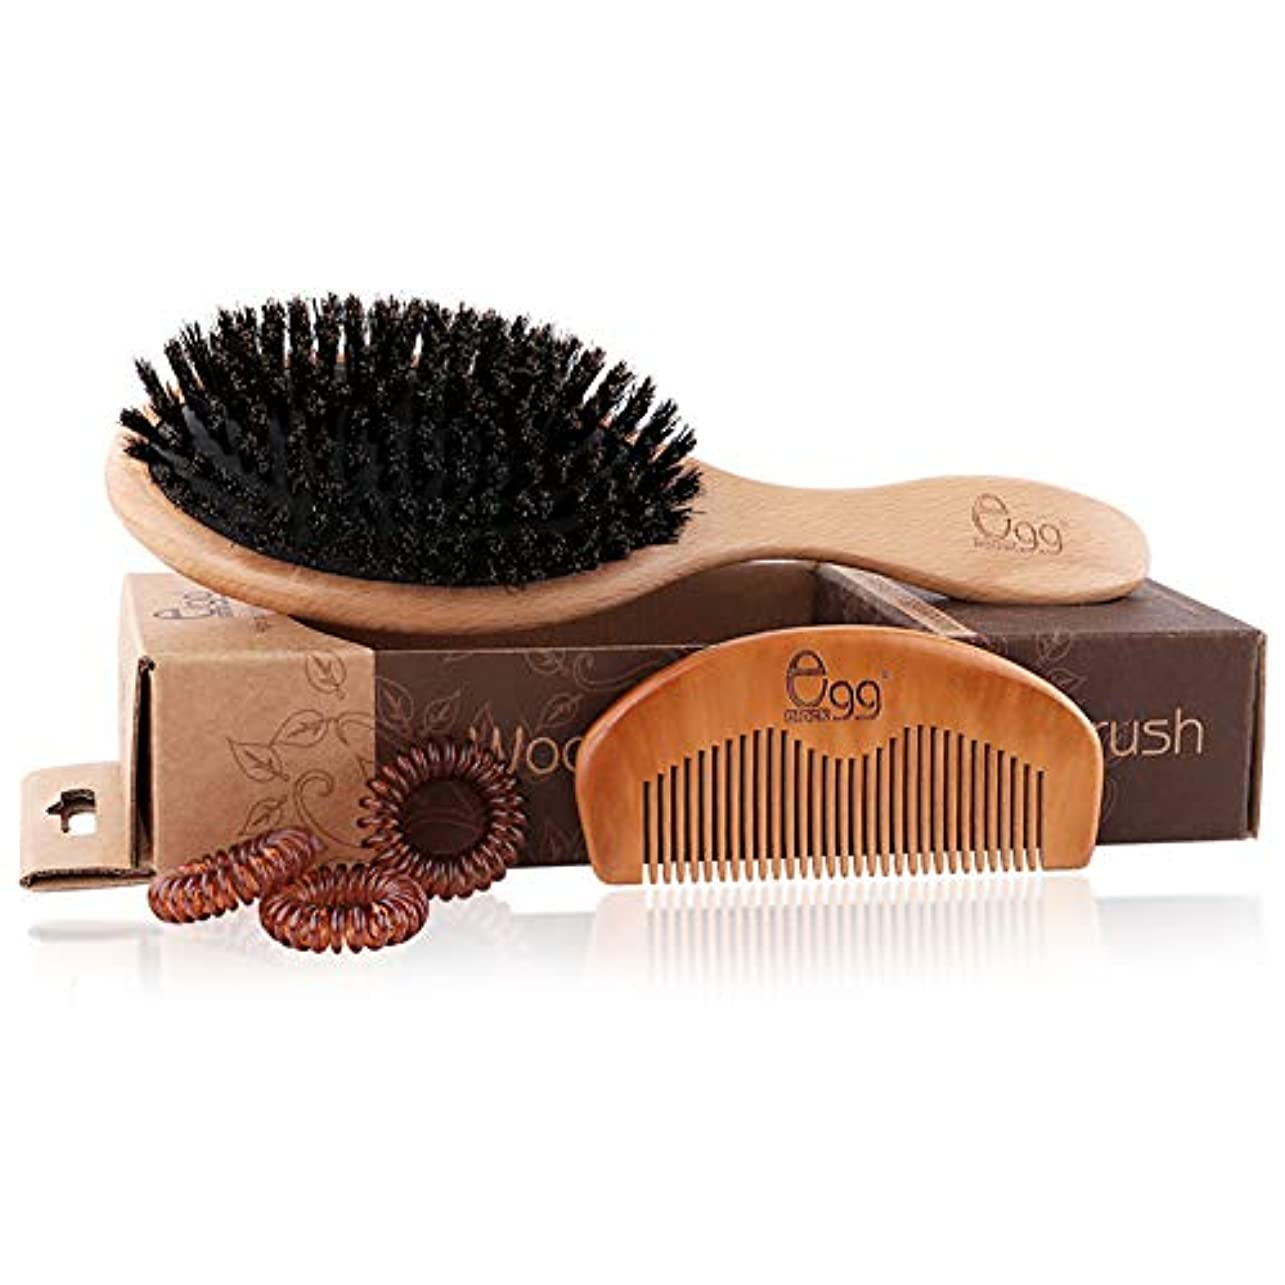 ロッドペチュランスウルルヘアブラシ セット 豚毛くし 木製櫛 美髪ケア 髪質改善 光沢感 ヘア保護 静電気防止 豚毛とナイロン混雑 くし ヘアリング